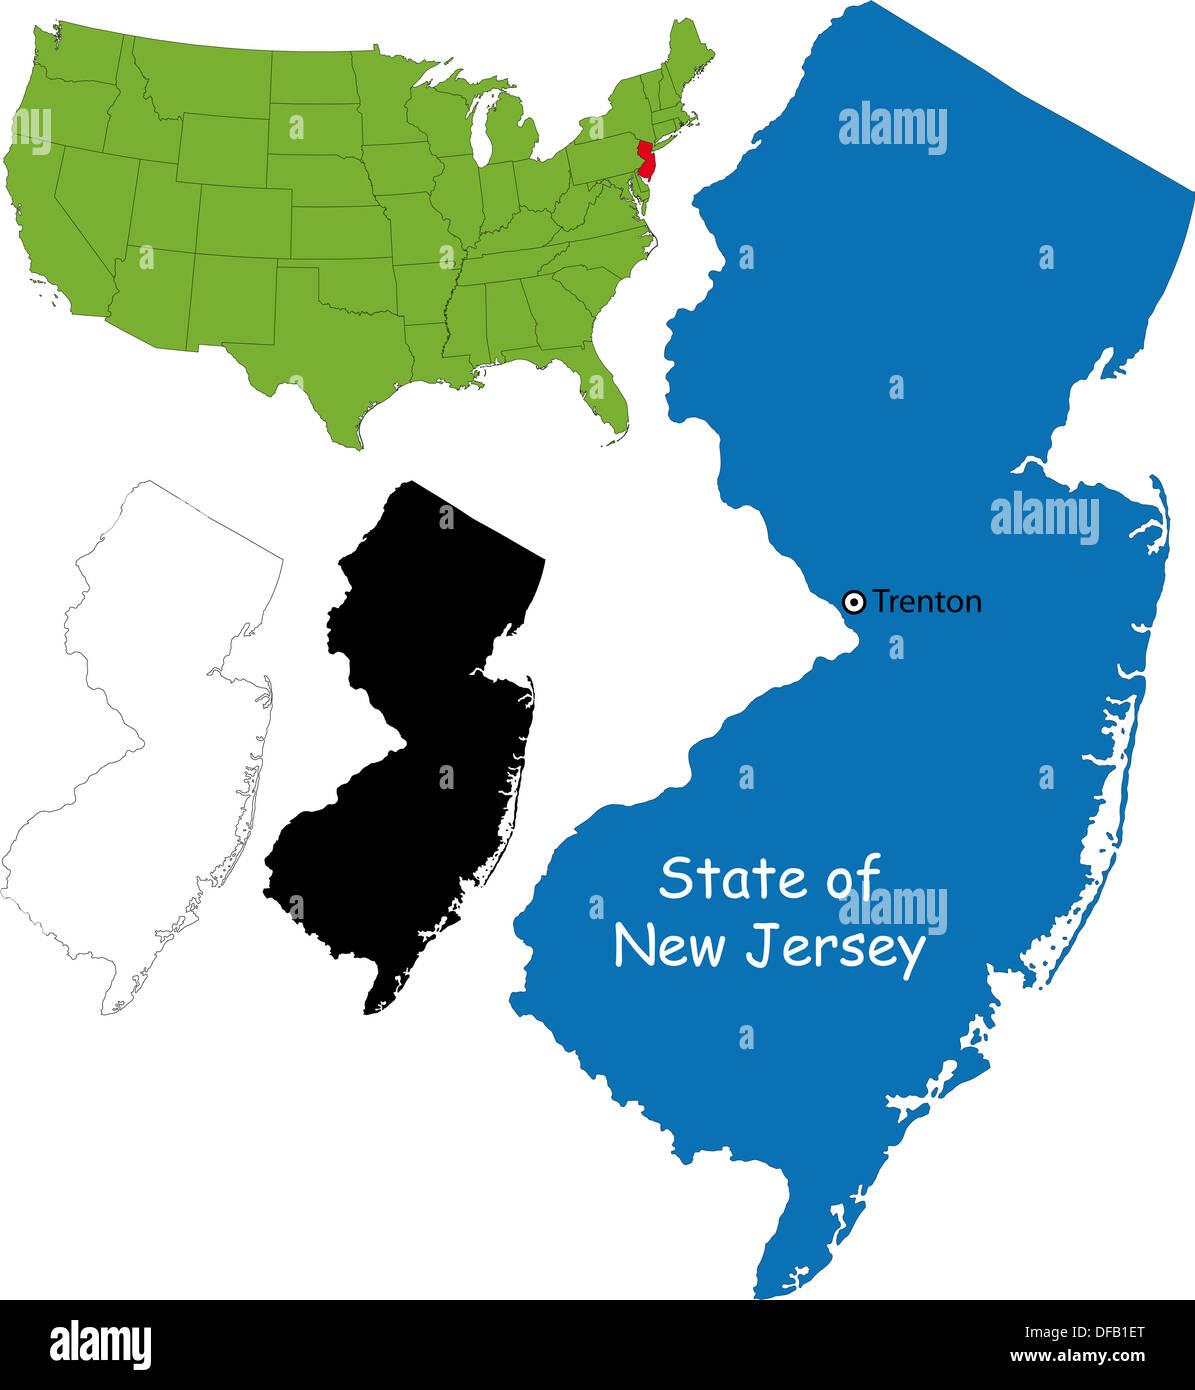 New Jersey Map Stock Photo Royalty Free Image Alamy - Newjerseymap